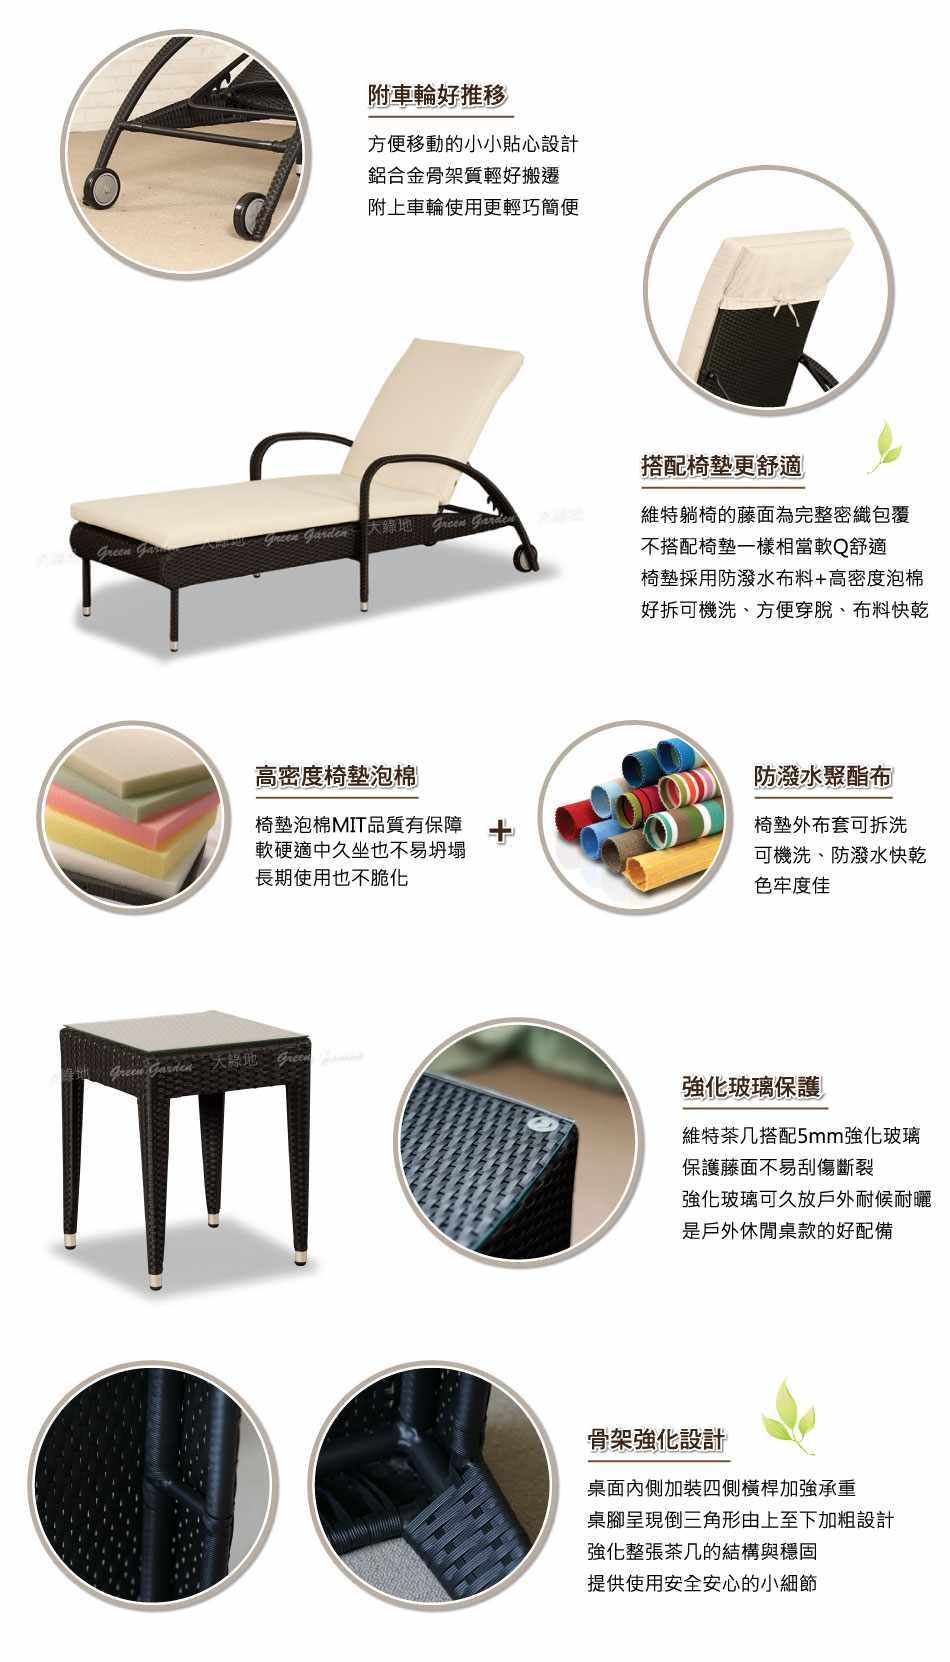 維特藤編躺椅介紹